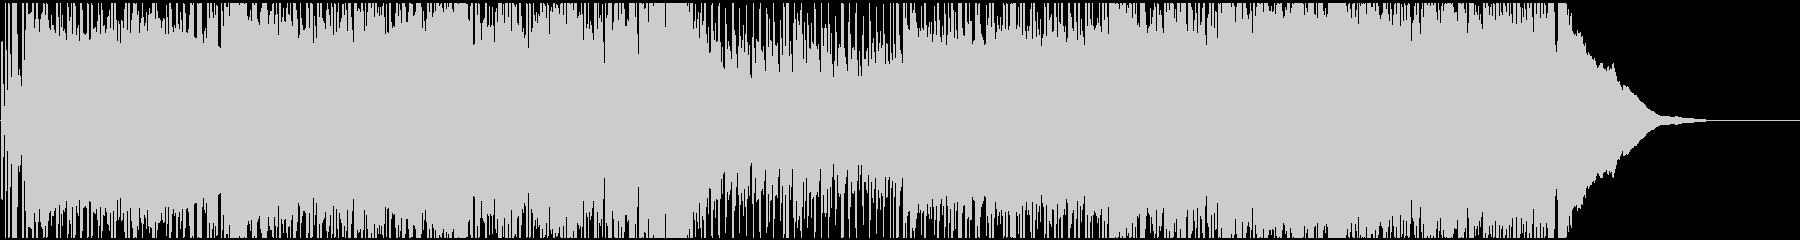 ポジティブなポップロック1の未再生の波形